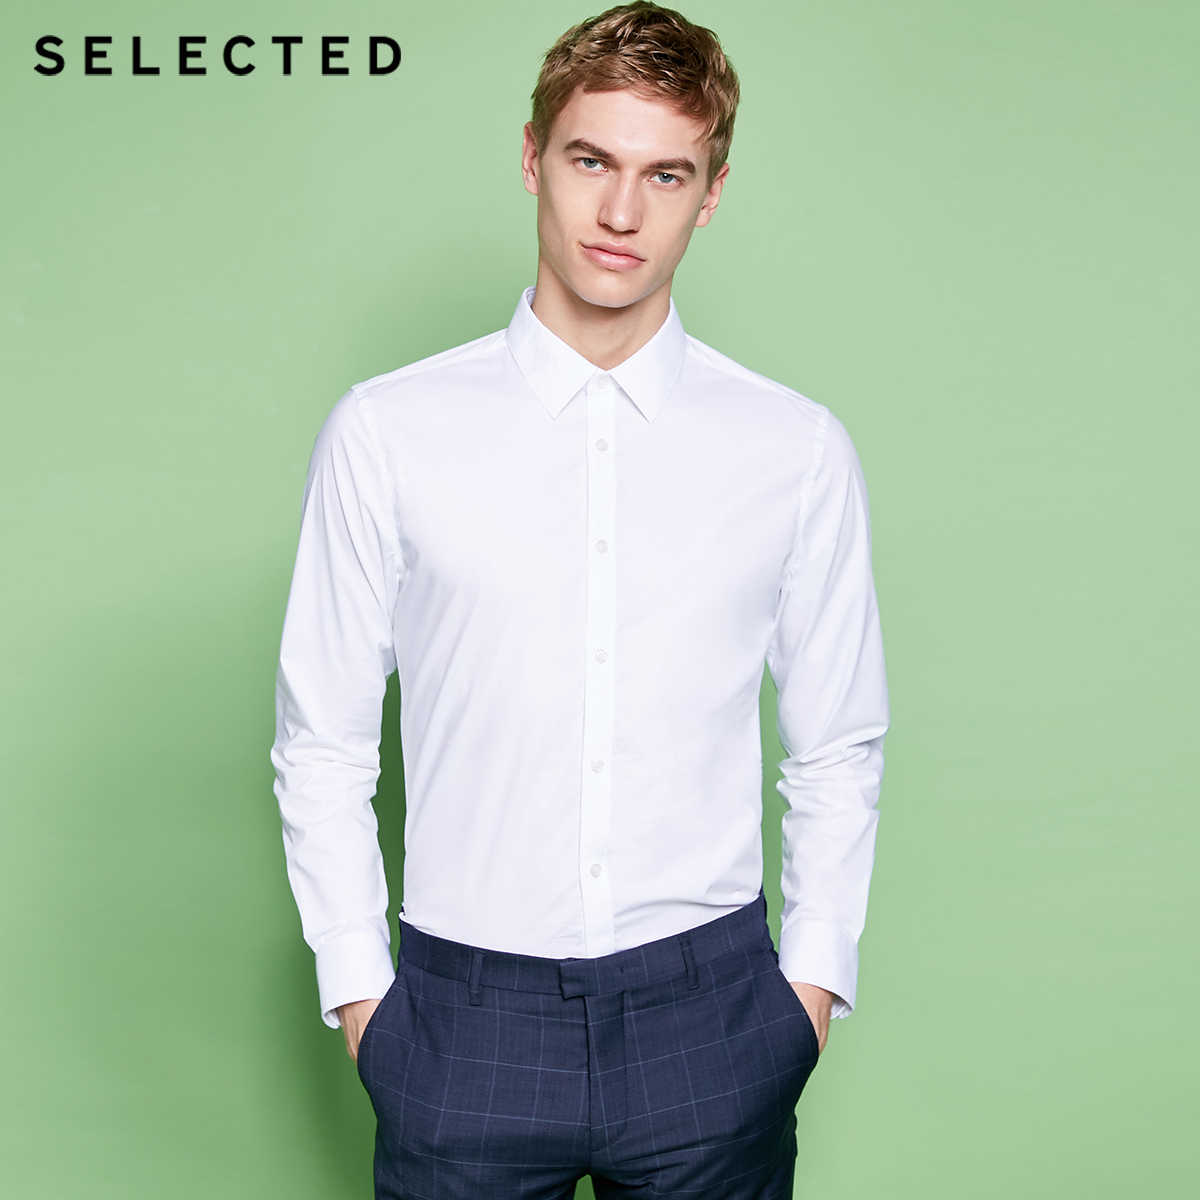 נבחר חדש גברים של כותנה מיקרו אלסטי טיפ צווארון fit עסקים ארוך שרוולים חולצת T | 418205516